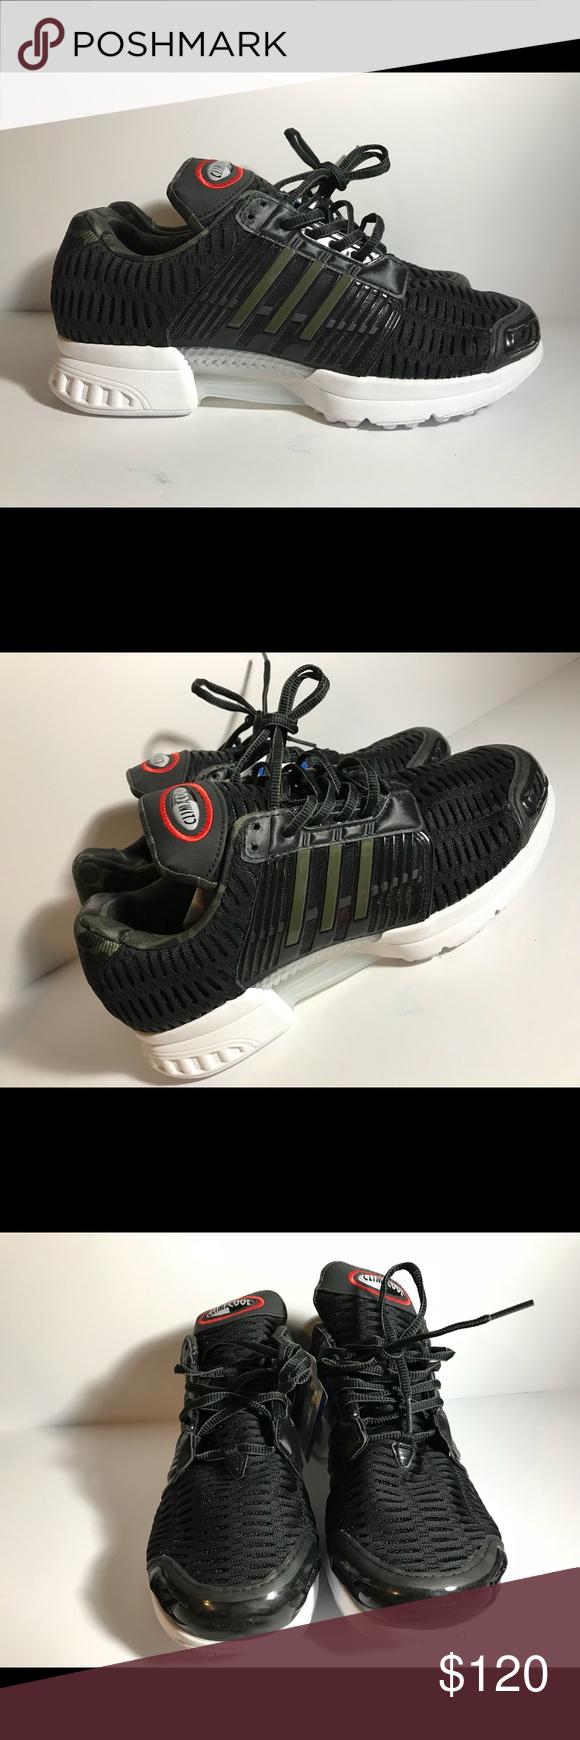 Hombre Originals Adidas ClimaCool 1 talla 10 ba7177 NWT Pinterest